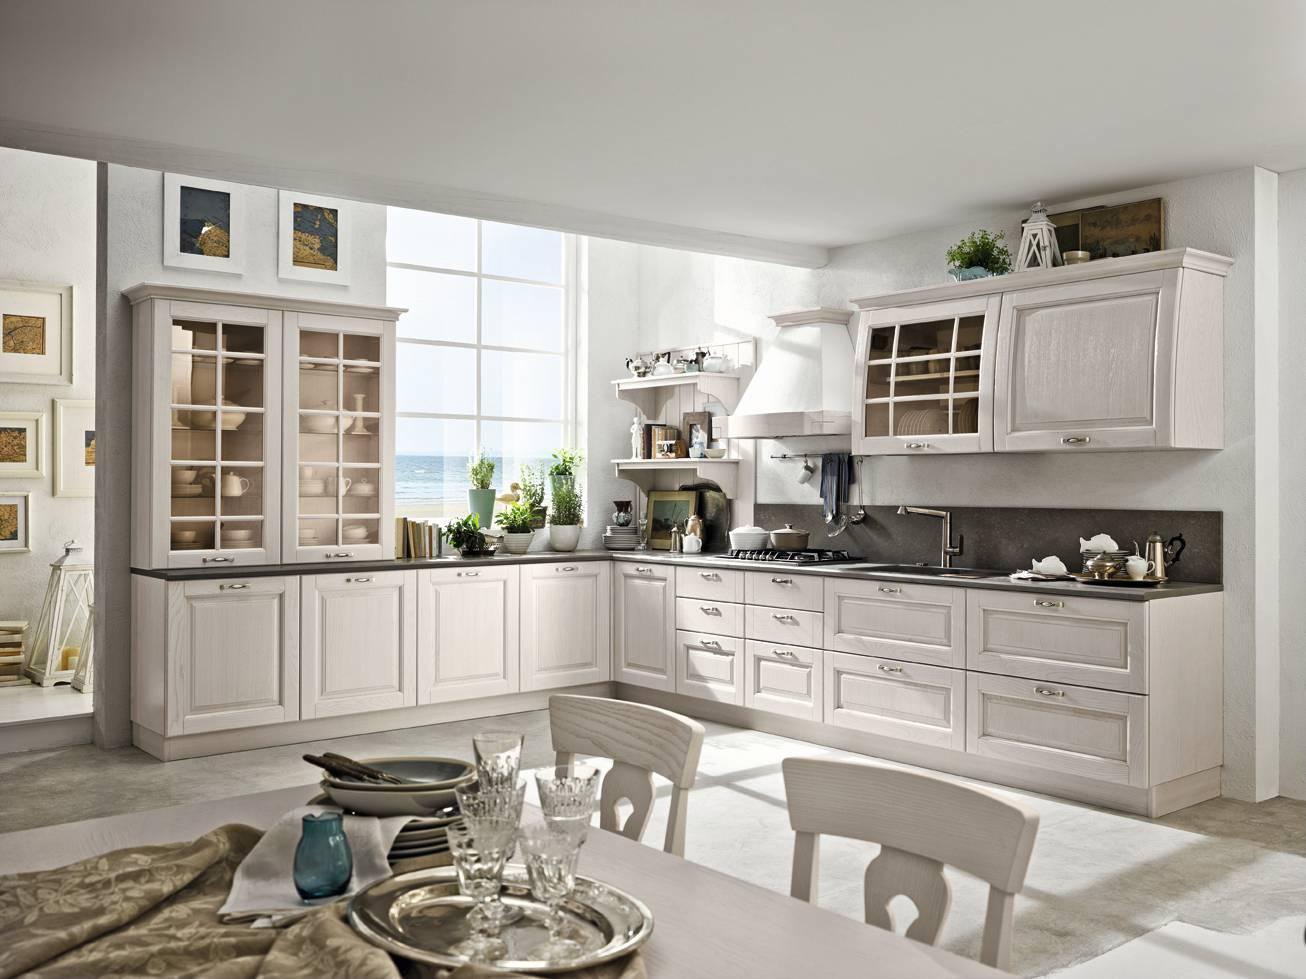 Cucine in stile country 13 modelli in legno o in laccato for Cucine in stile